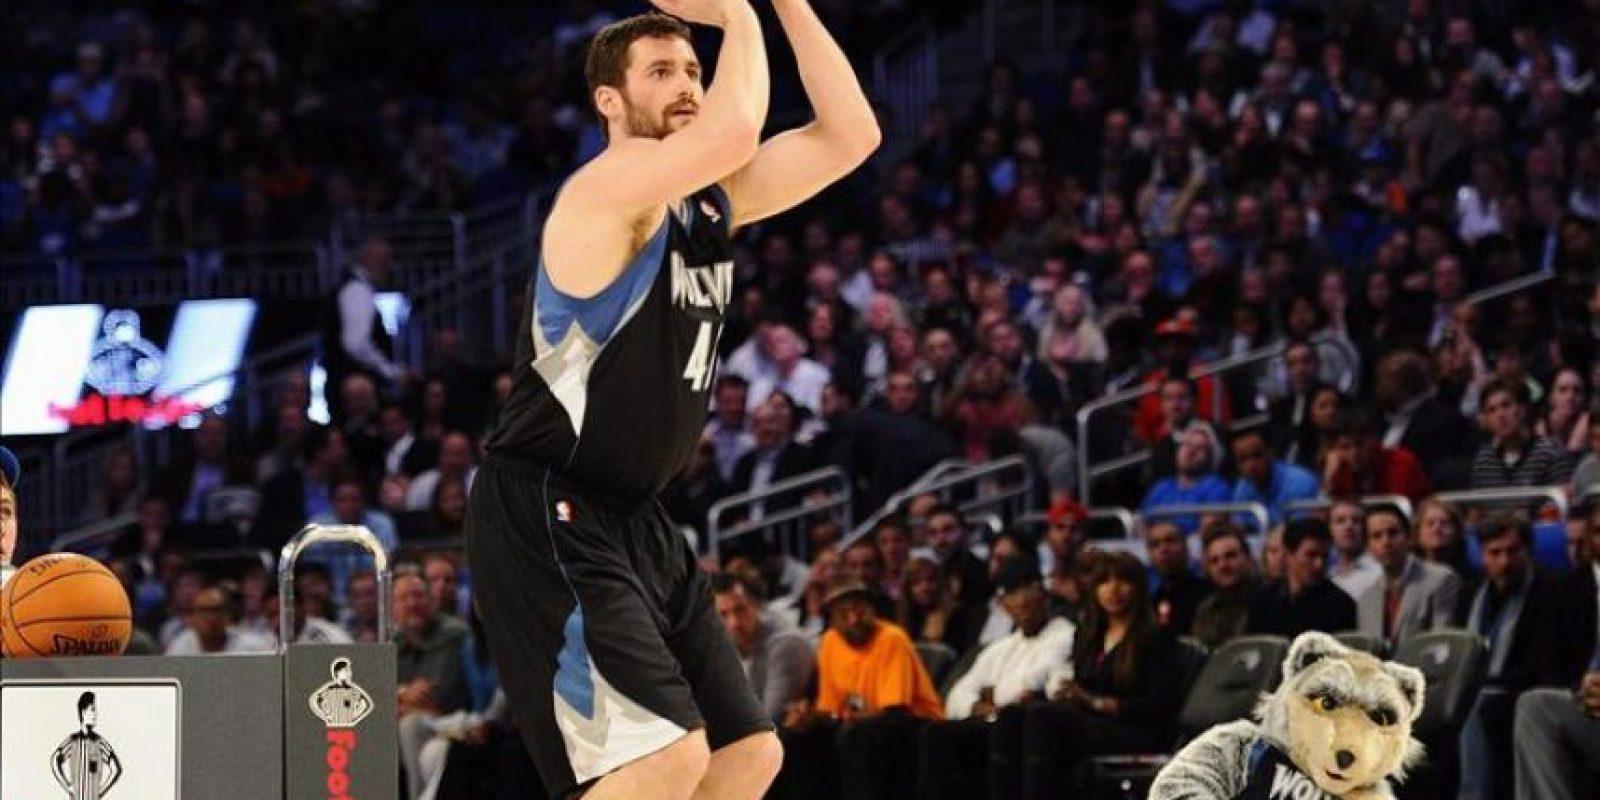 El jugador de los Timberwolves de Minnesota Kevin Love compite este 25 de febrero, en la prueba de Tres Puntos, durante el 2012 NBA All-Star Saturday Night en el Amway Center en Orlando, Florida (EE.UU.). EFE